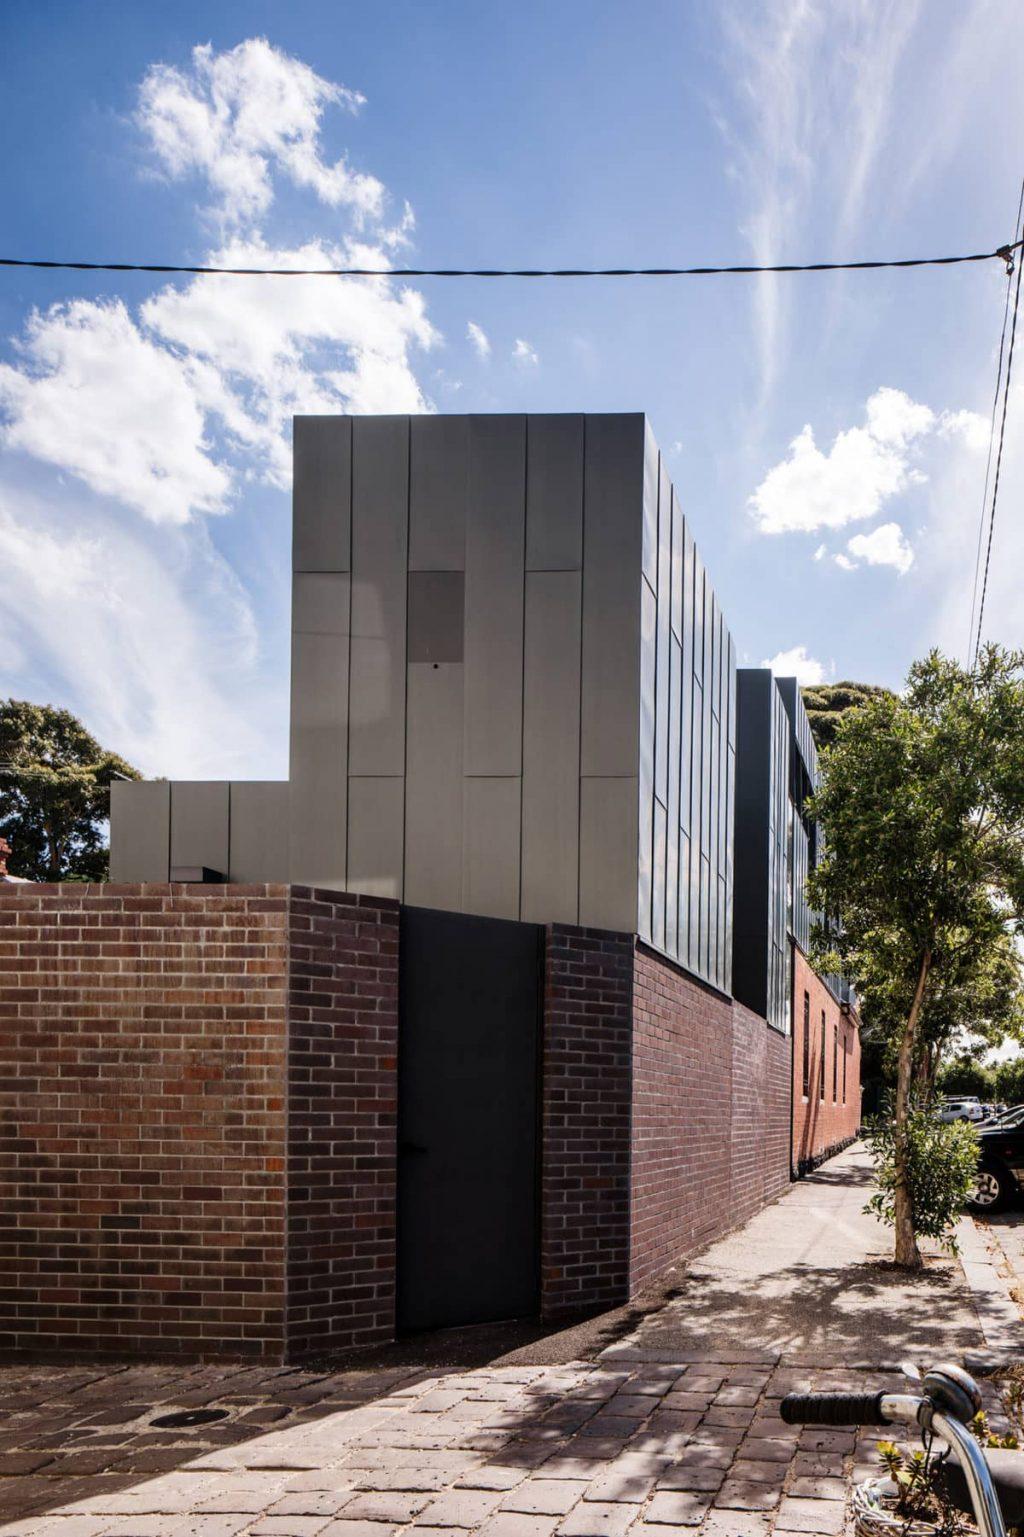 A Zinc-Clad Addition by Robert Simeoni Architects